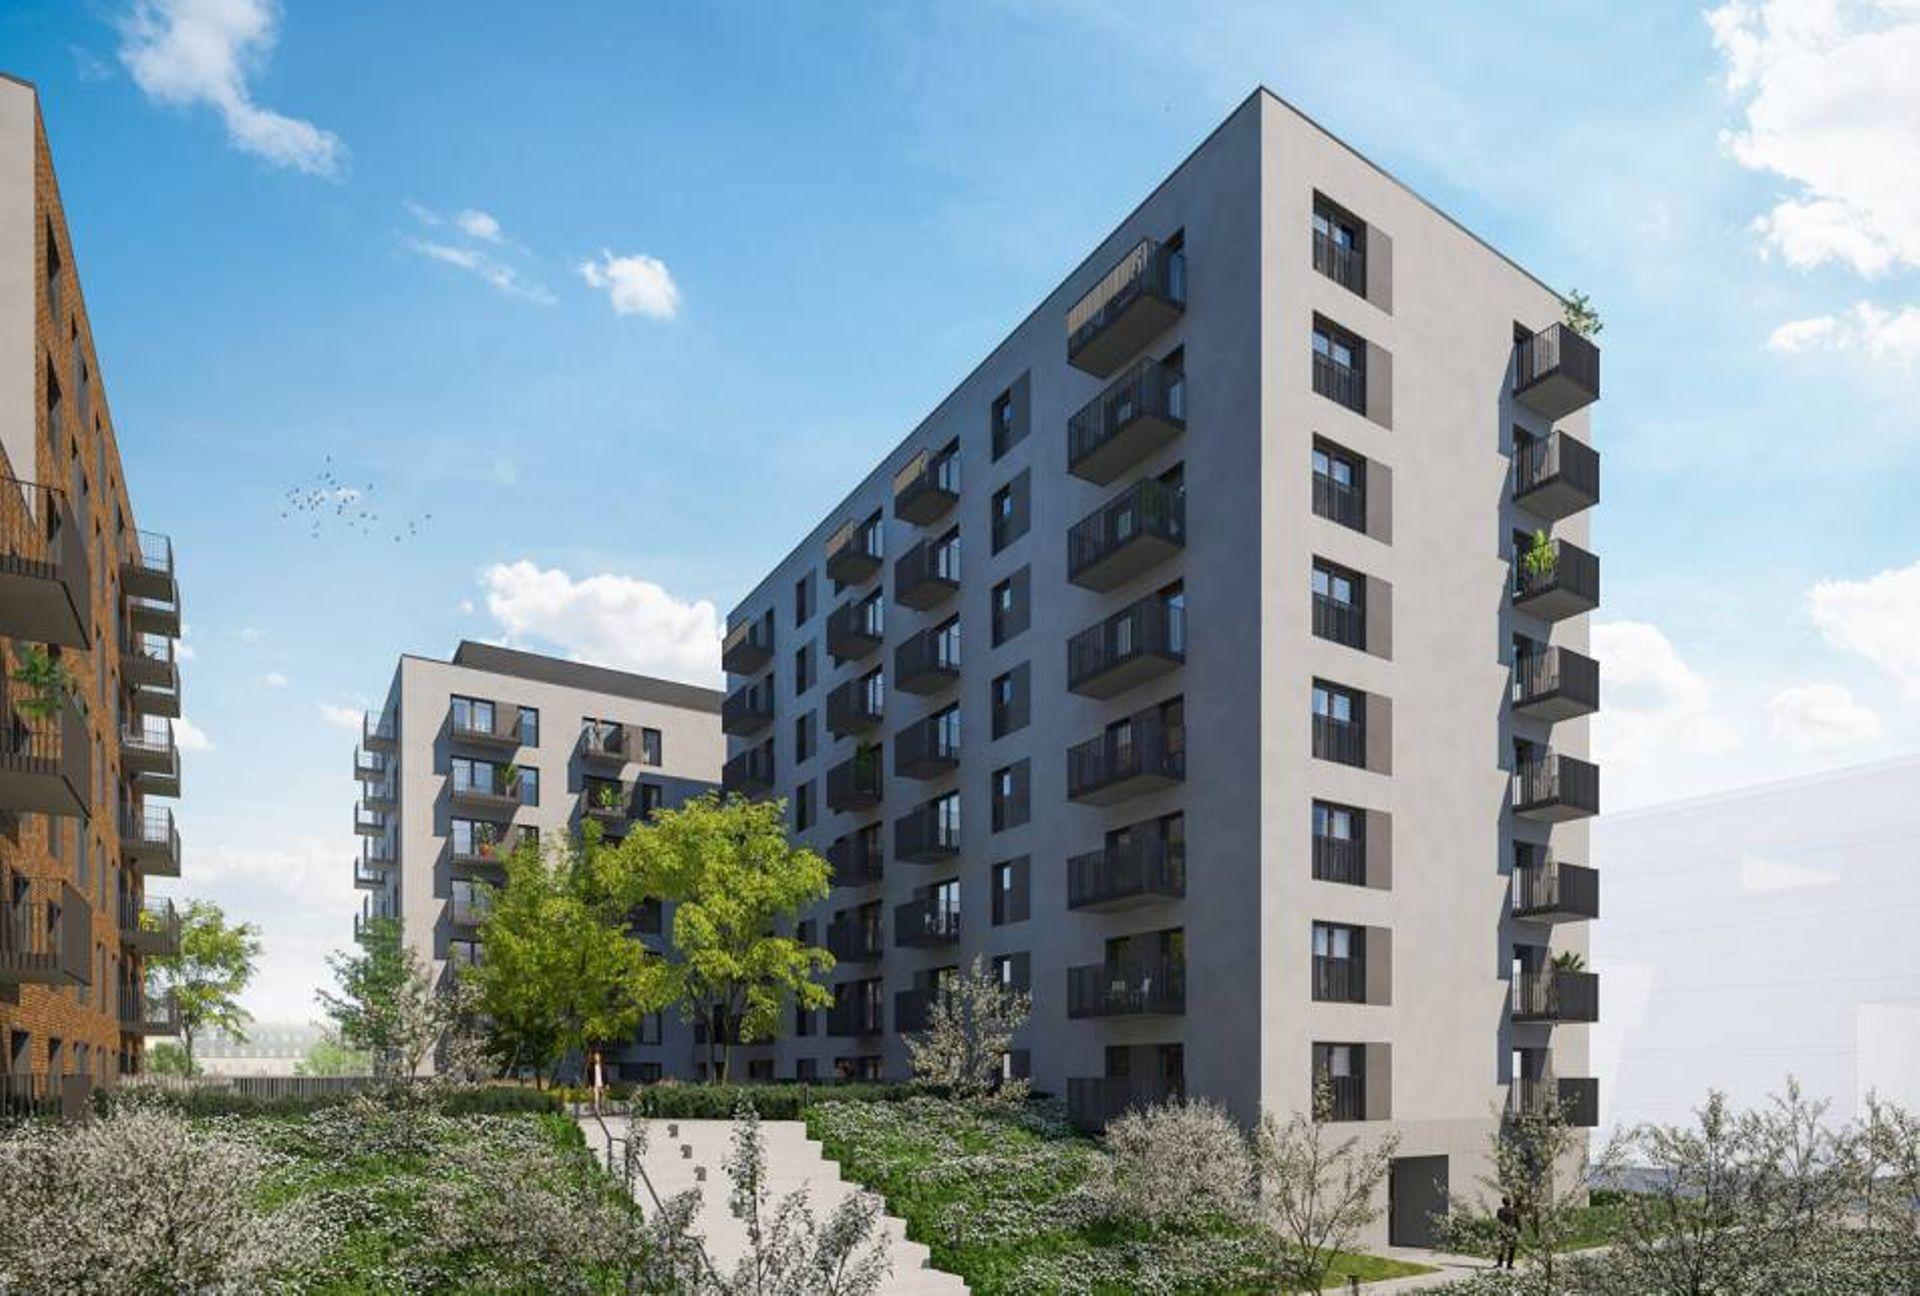 Wrocław: Atal City Square – ruszyła budowa setek mieszkań i apartamentów inwestycyjnych przy Dworcu Głównym